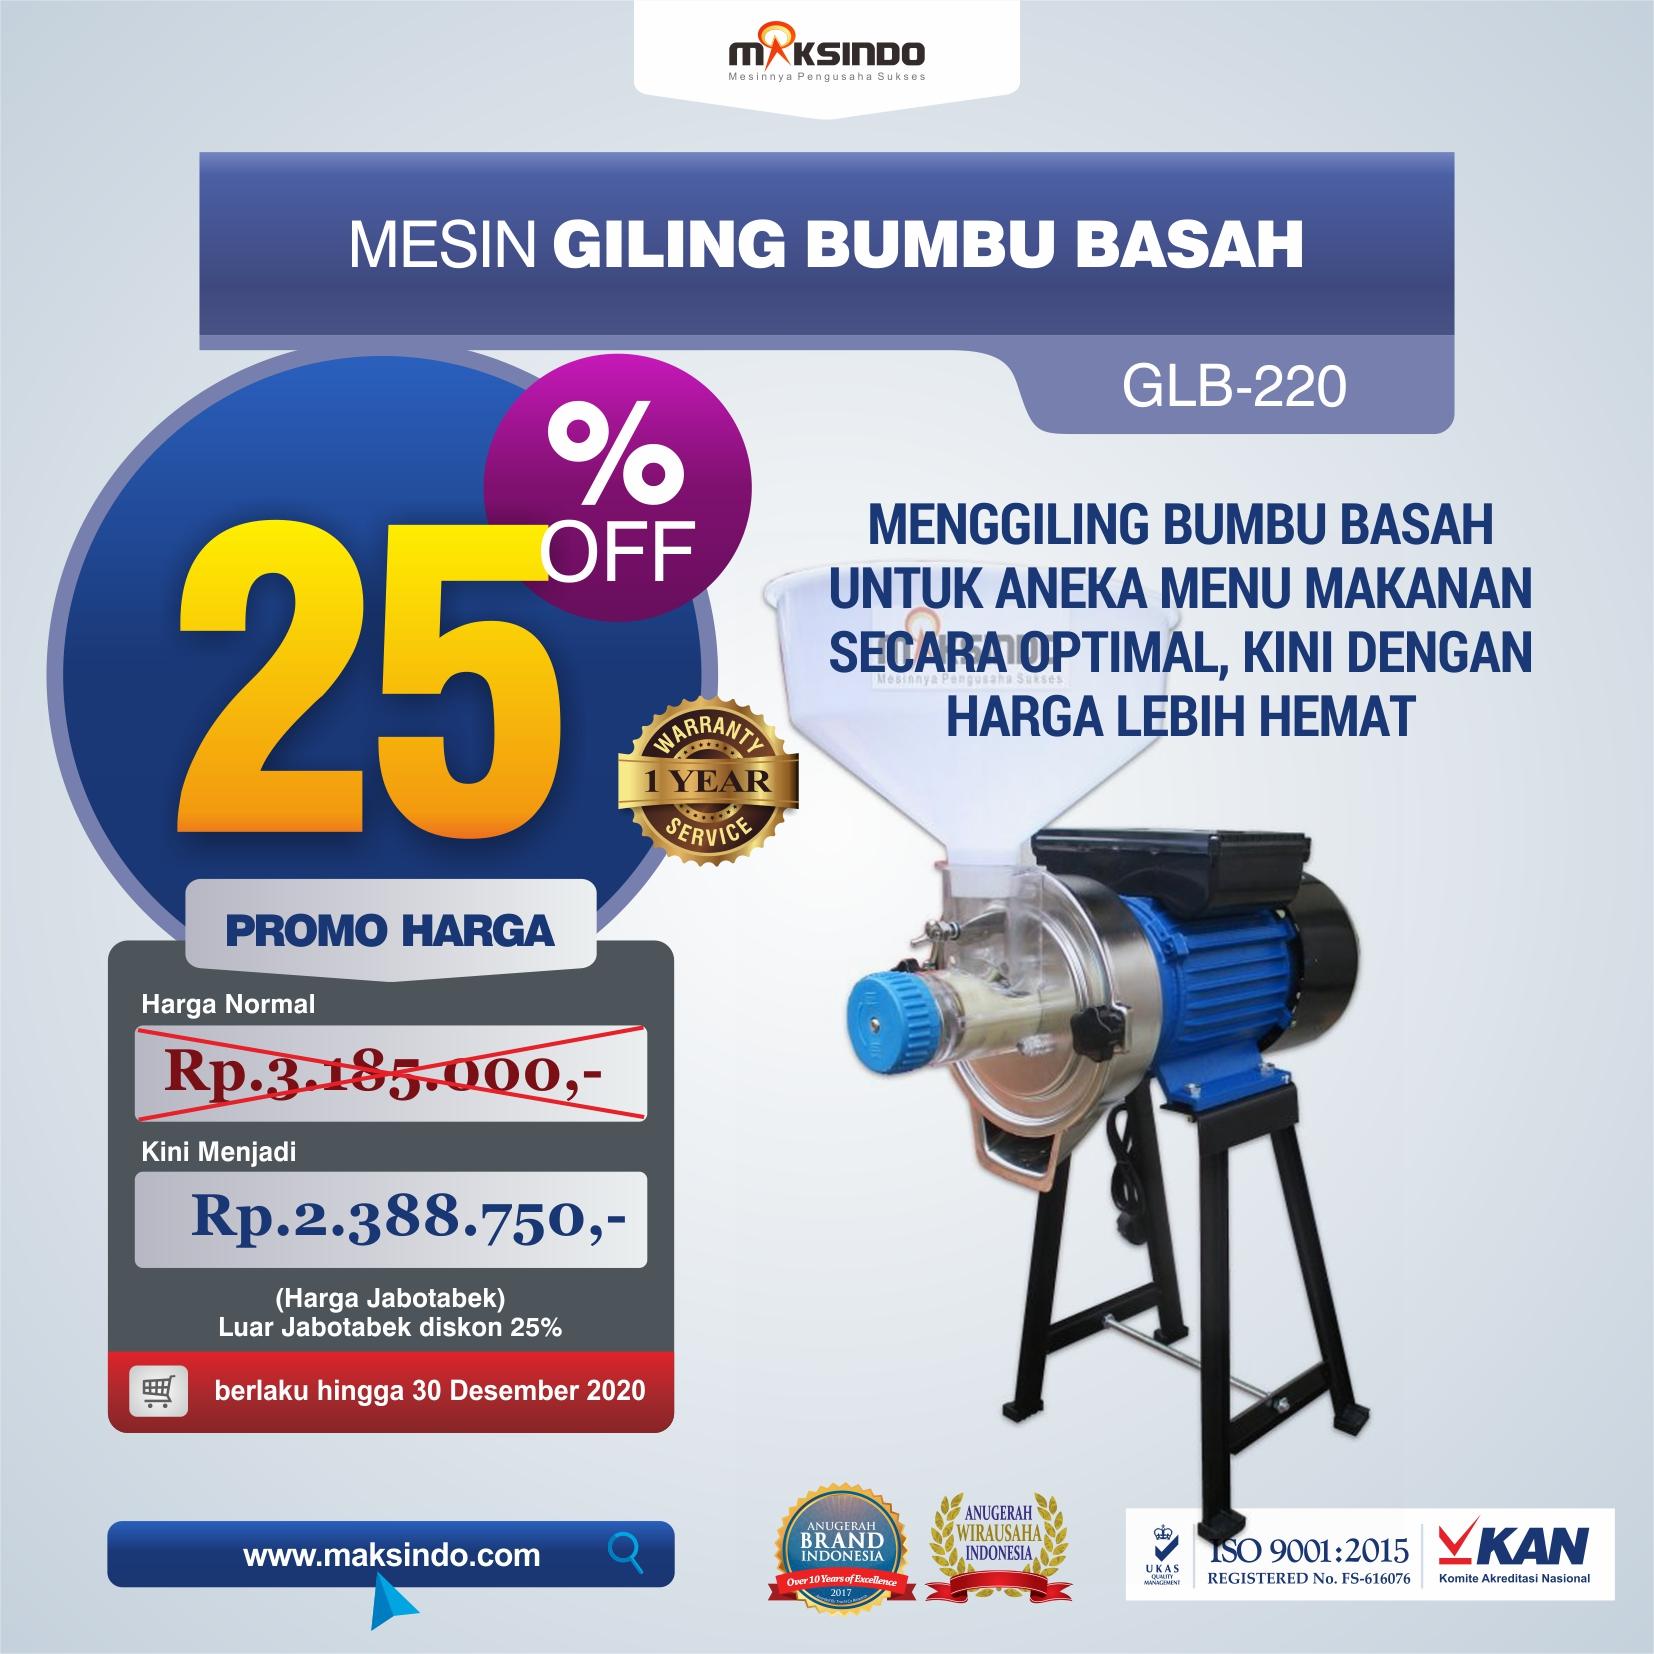 Jual Mesin Giling Bumbu Basah GLB220 di Makassar